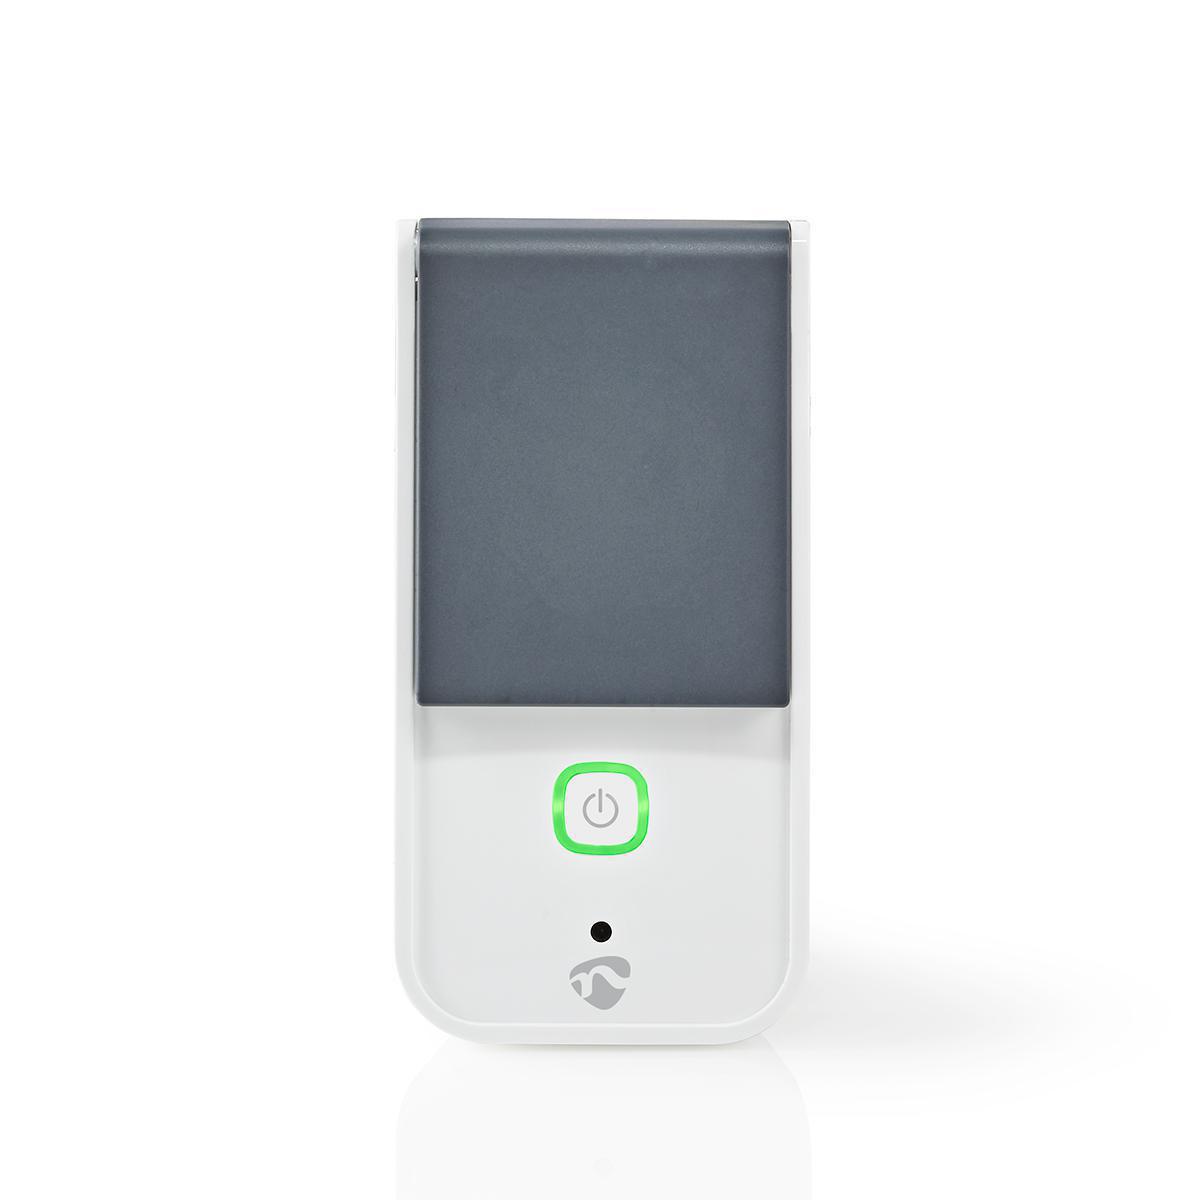 Controle de forma remota cualquier dispositivo exterior simplemente conectándolo a esta toma inteligente inalámbrica y conectando su teléfono inteligente o tableta a su enrutador Wi-Fi. Fácil de configurar Realmente no tiene que ser un milagro técnico o u